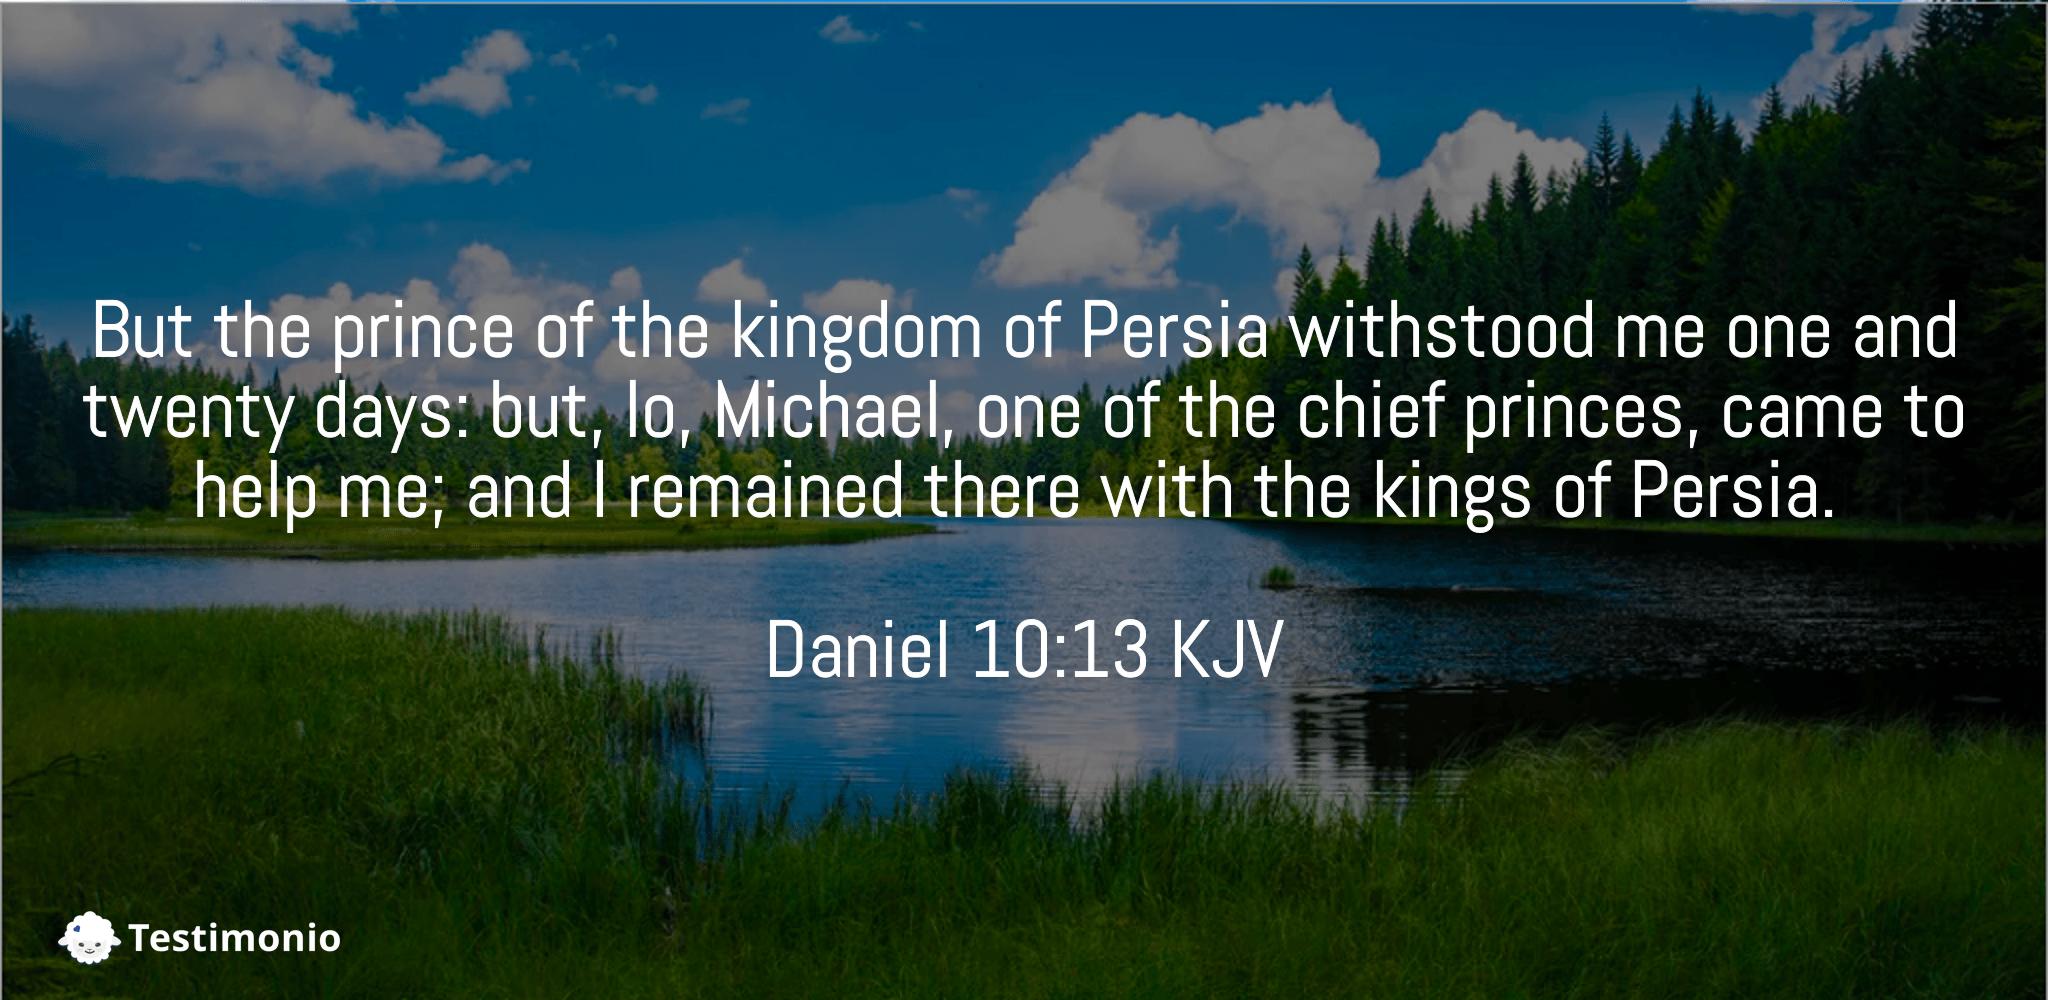 Daniel 10:13